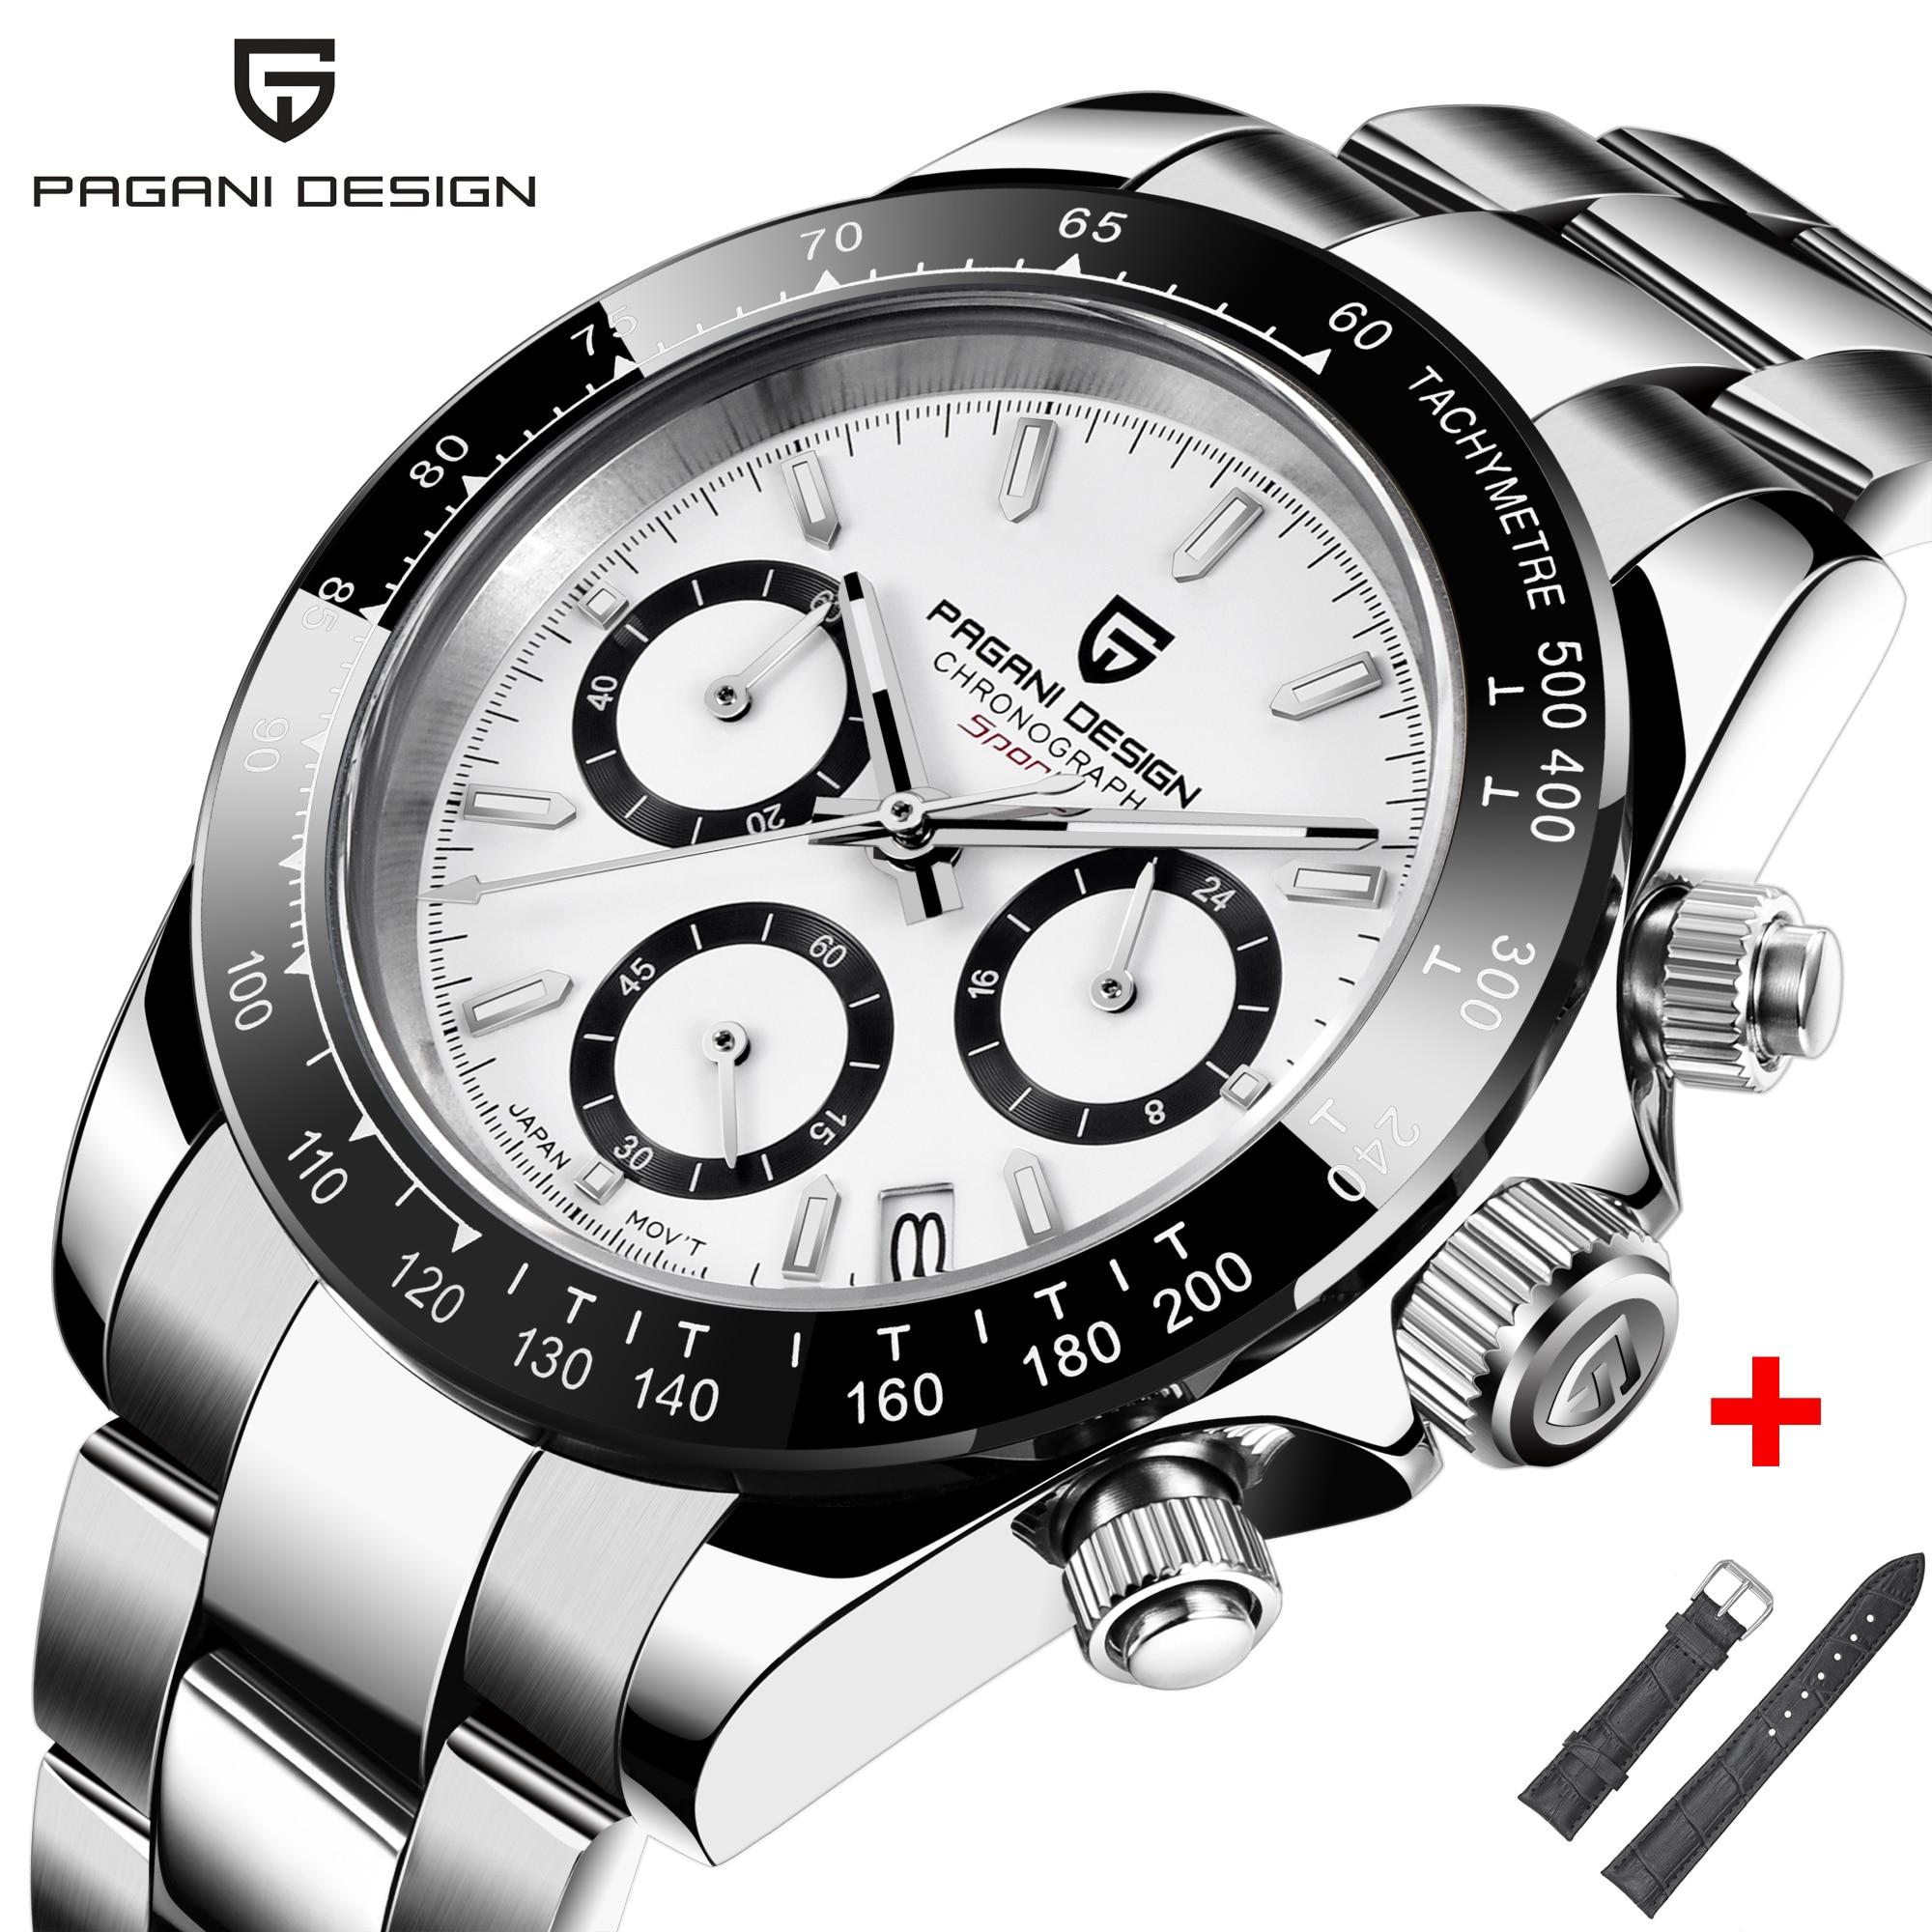 Часы PAGANI DESIGN PD 1644 мужские с хронографом, Роскошные Кварцевые часы Daytona, водонепроницаемые новые модные мужские наручные часы, Япония, VK63